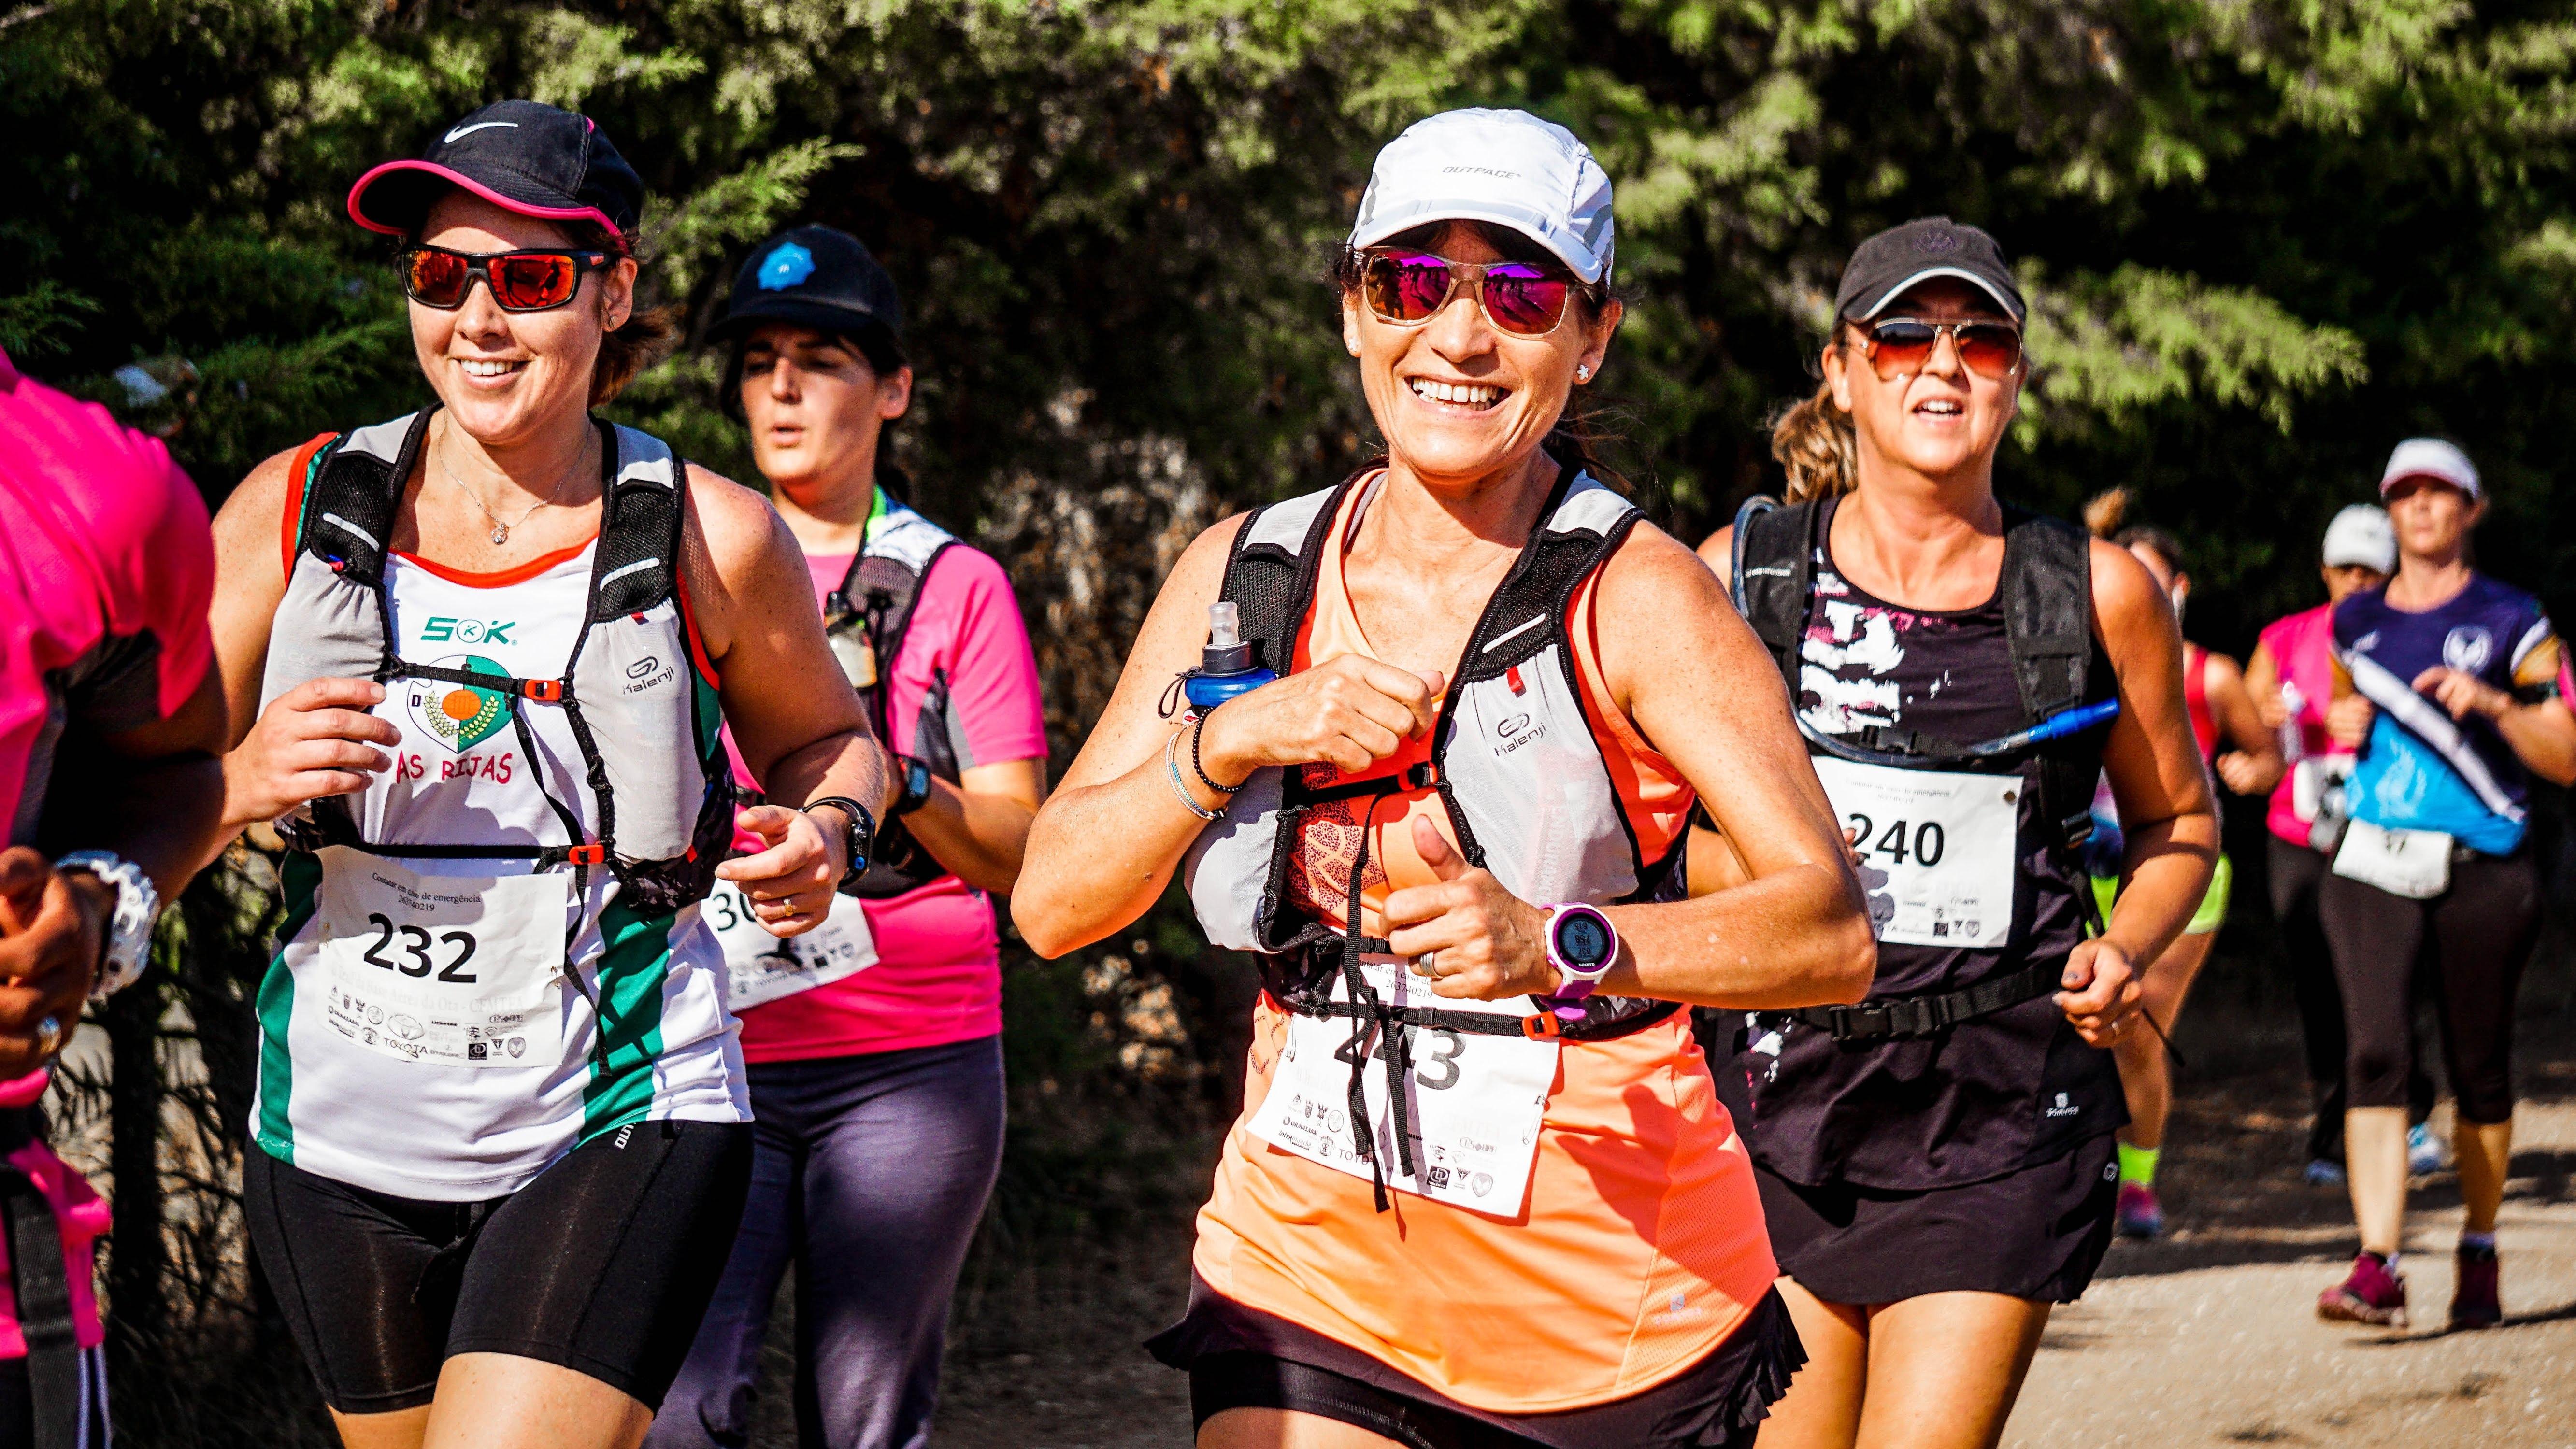 Meia Maratona de Lisboa: supere-se com mais energia